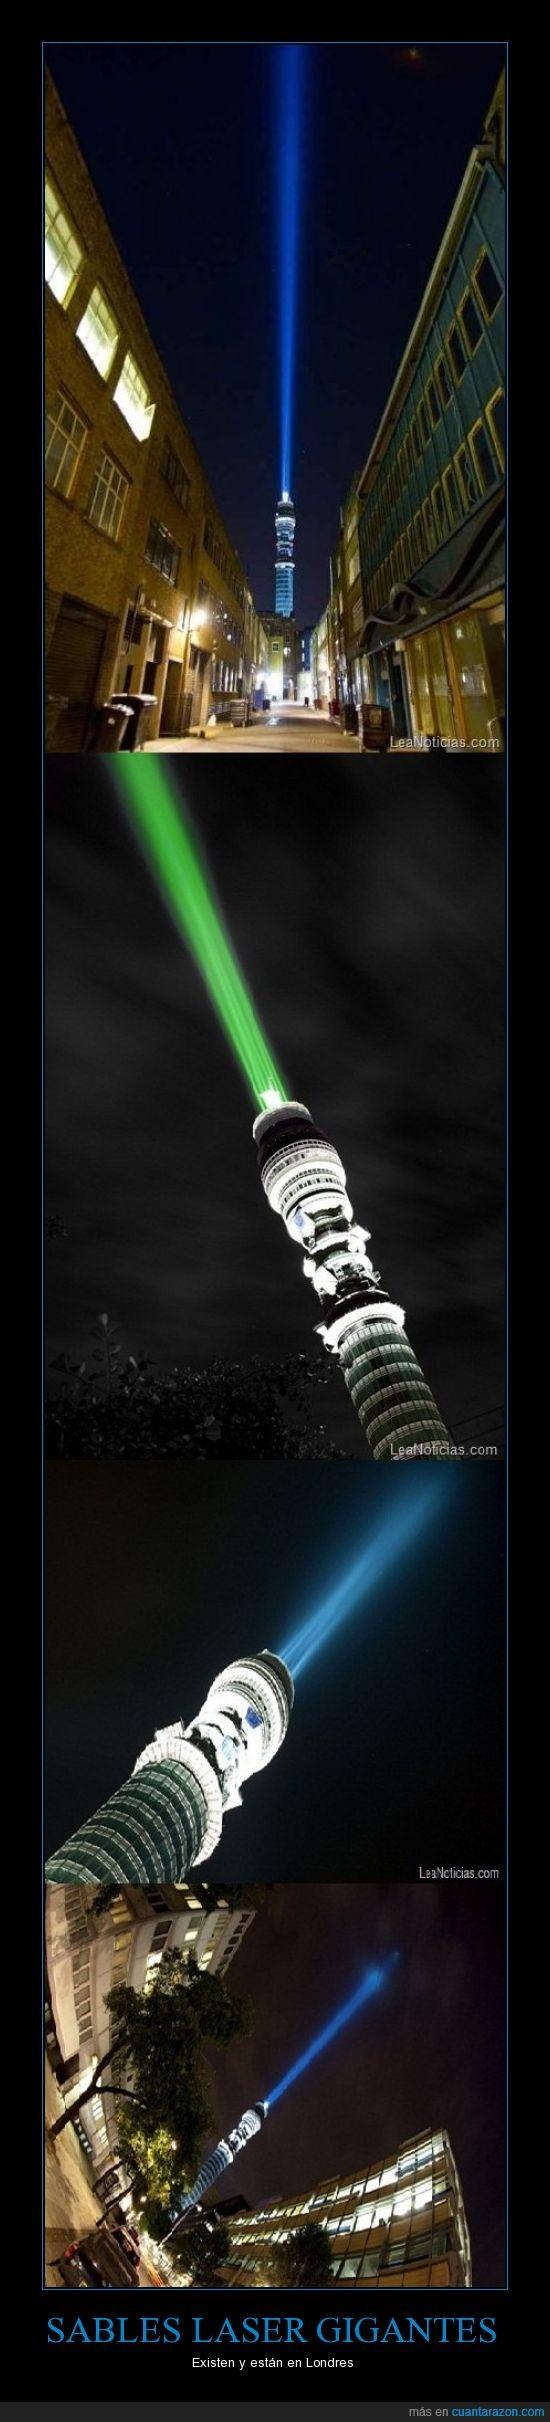 edificios,gigante,laser,londres,luz,sable